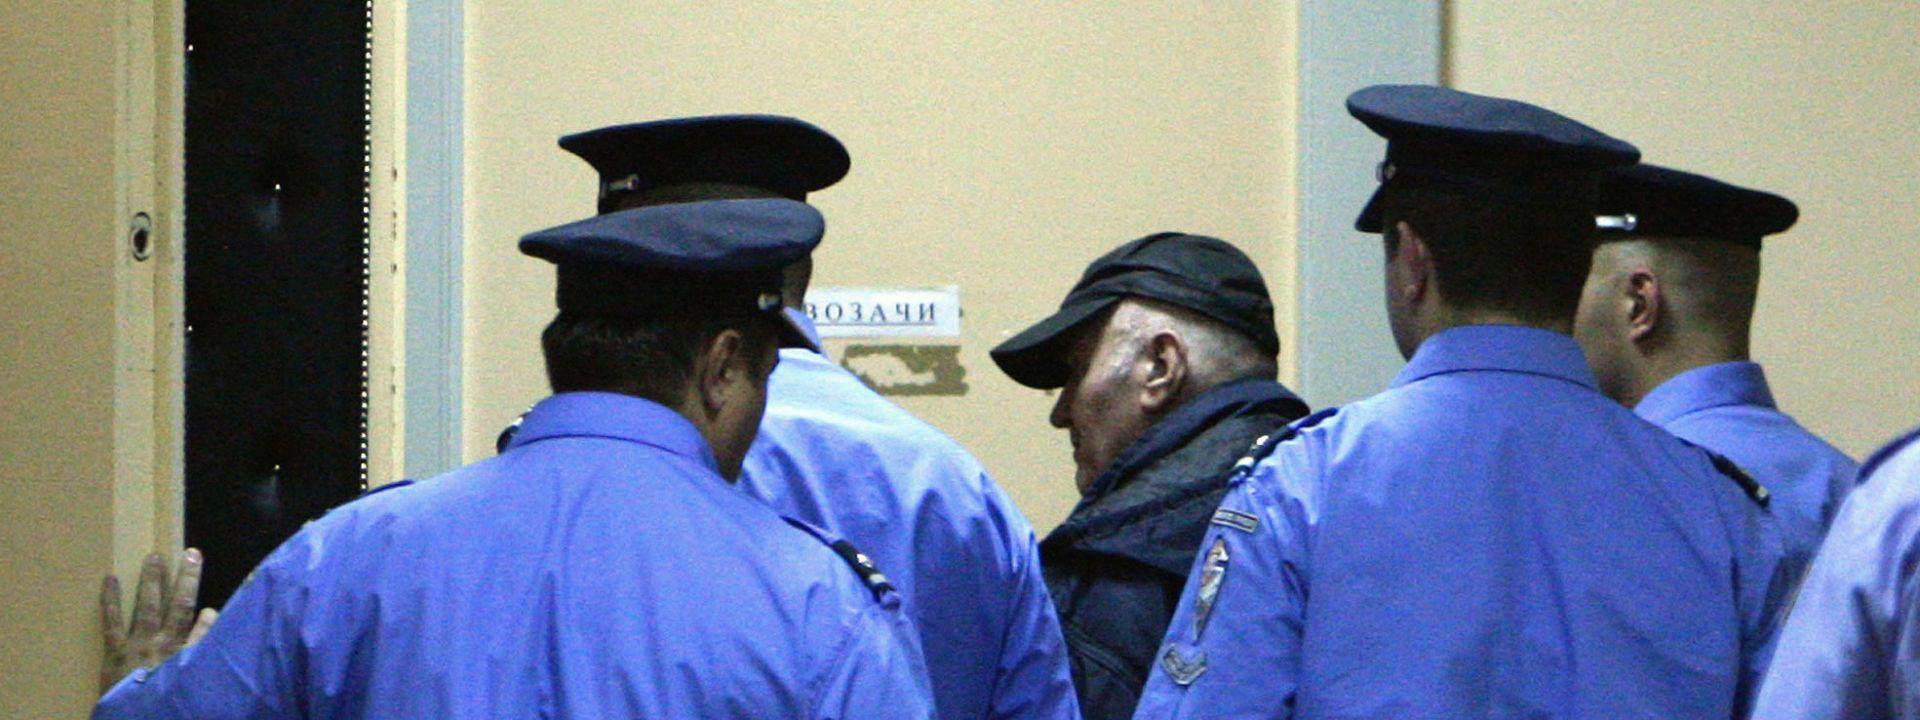 ICTY odbacio zahtjev obrane da se odgodi izricanje presude Ratku Mladiću